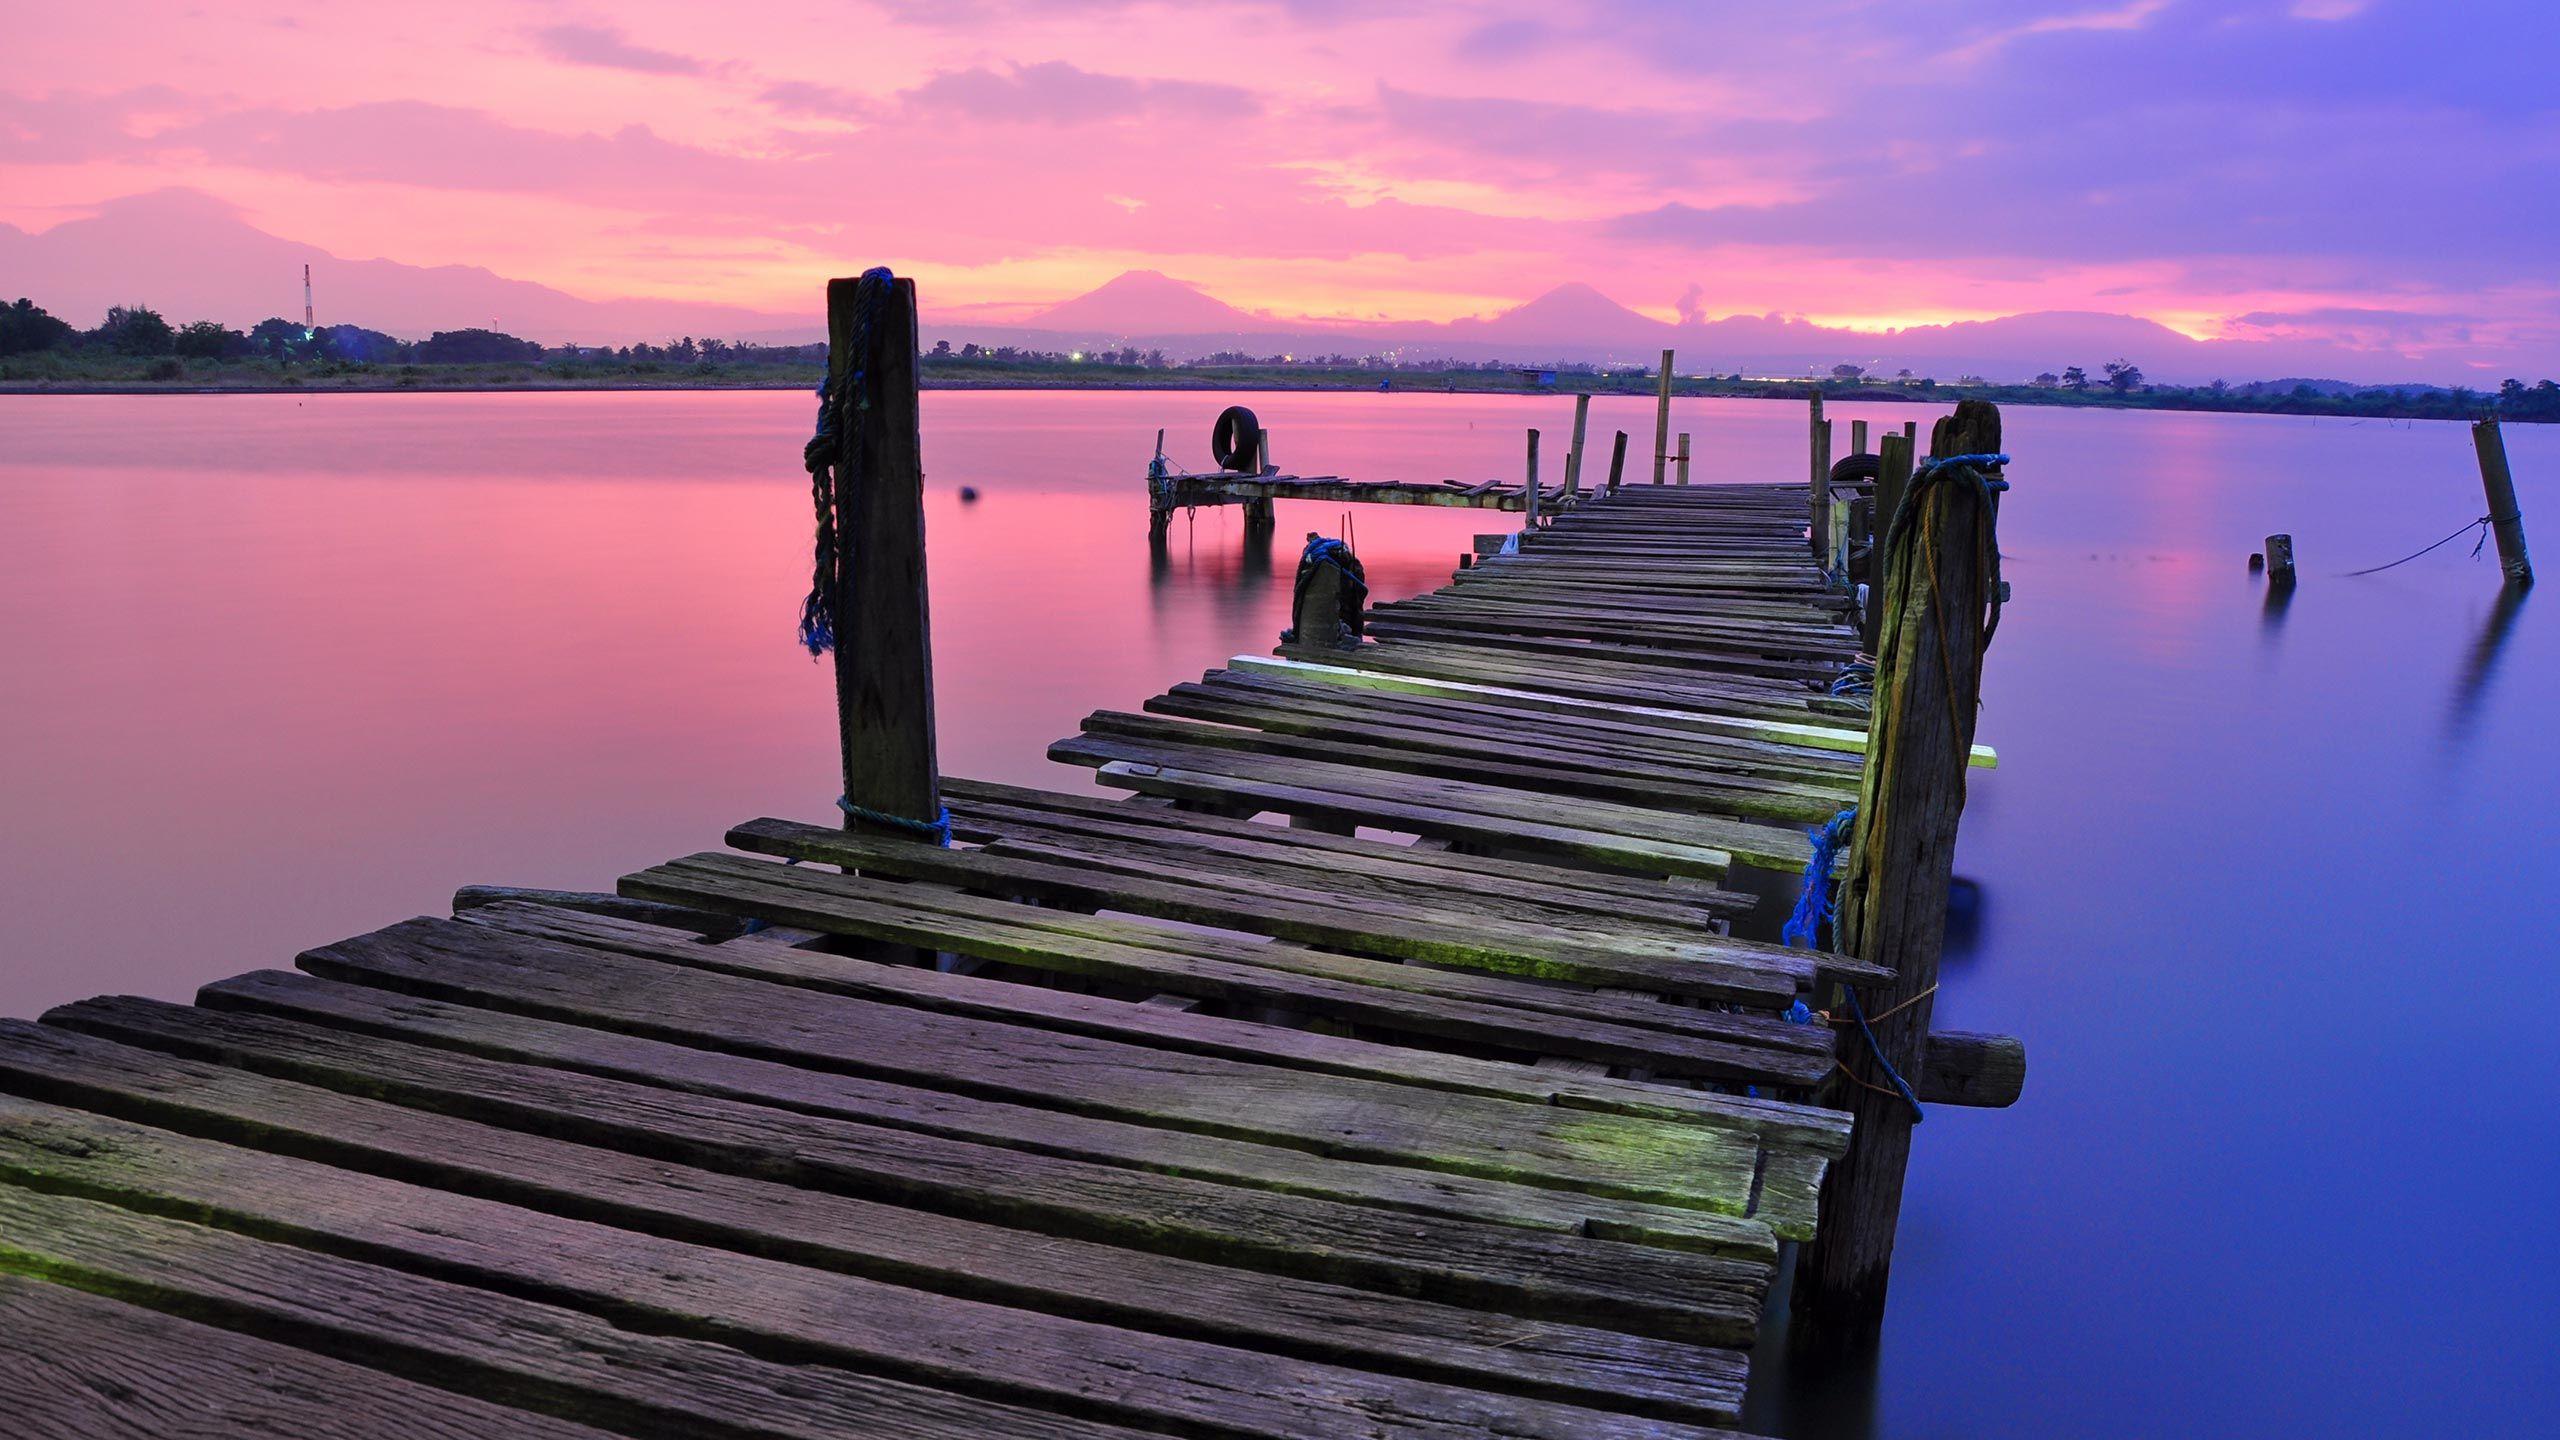 Dock_2560x1440.jpg